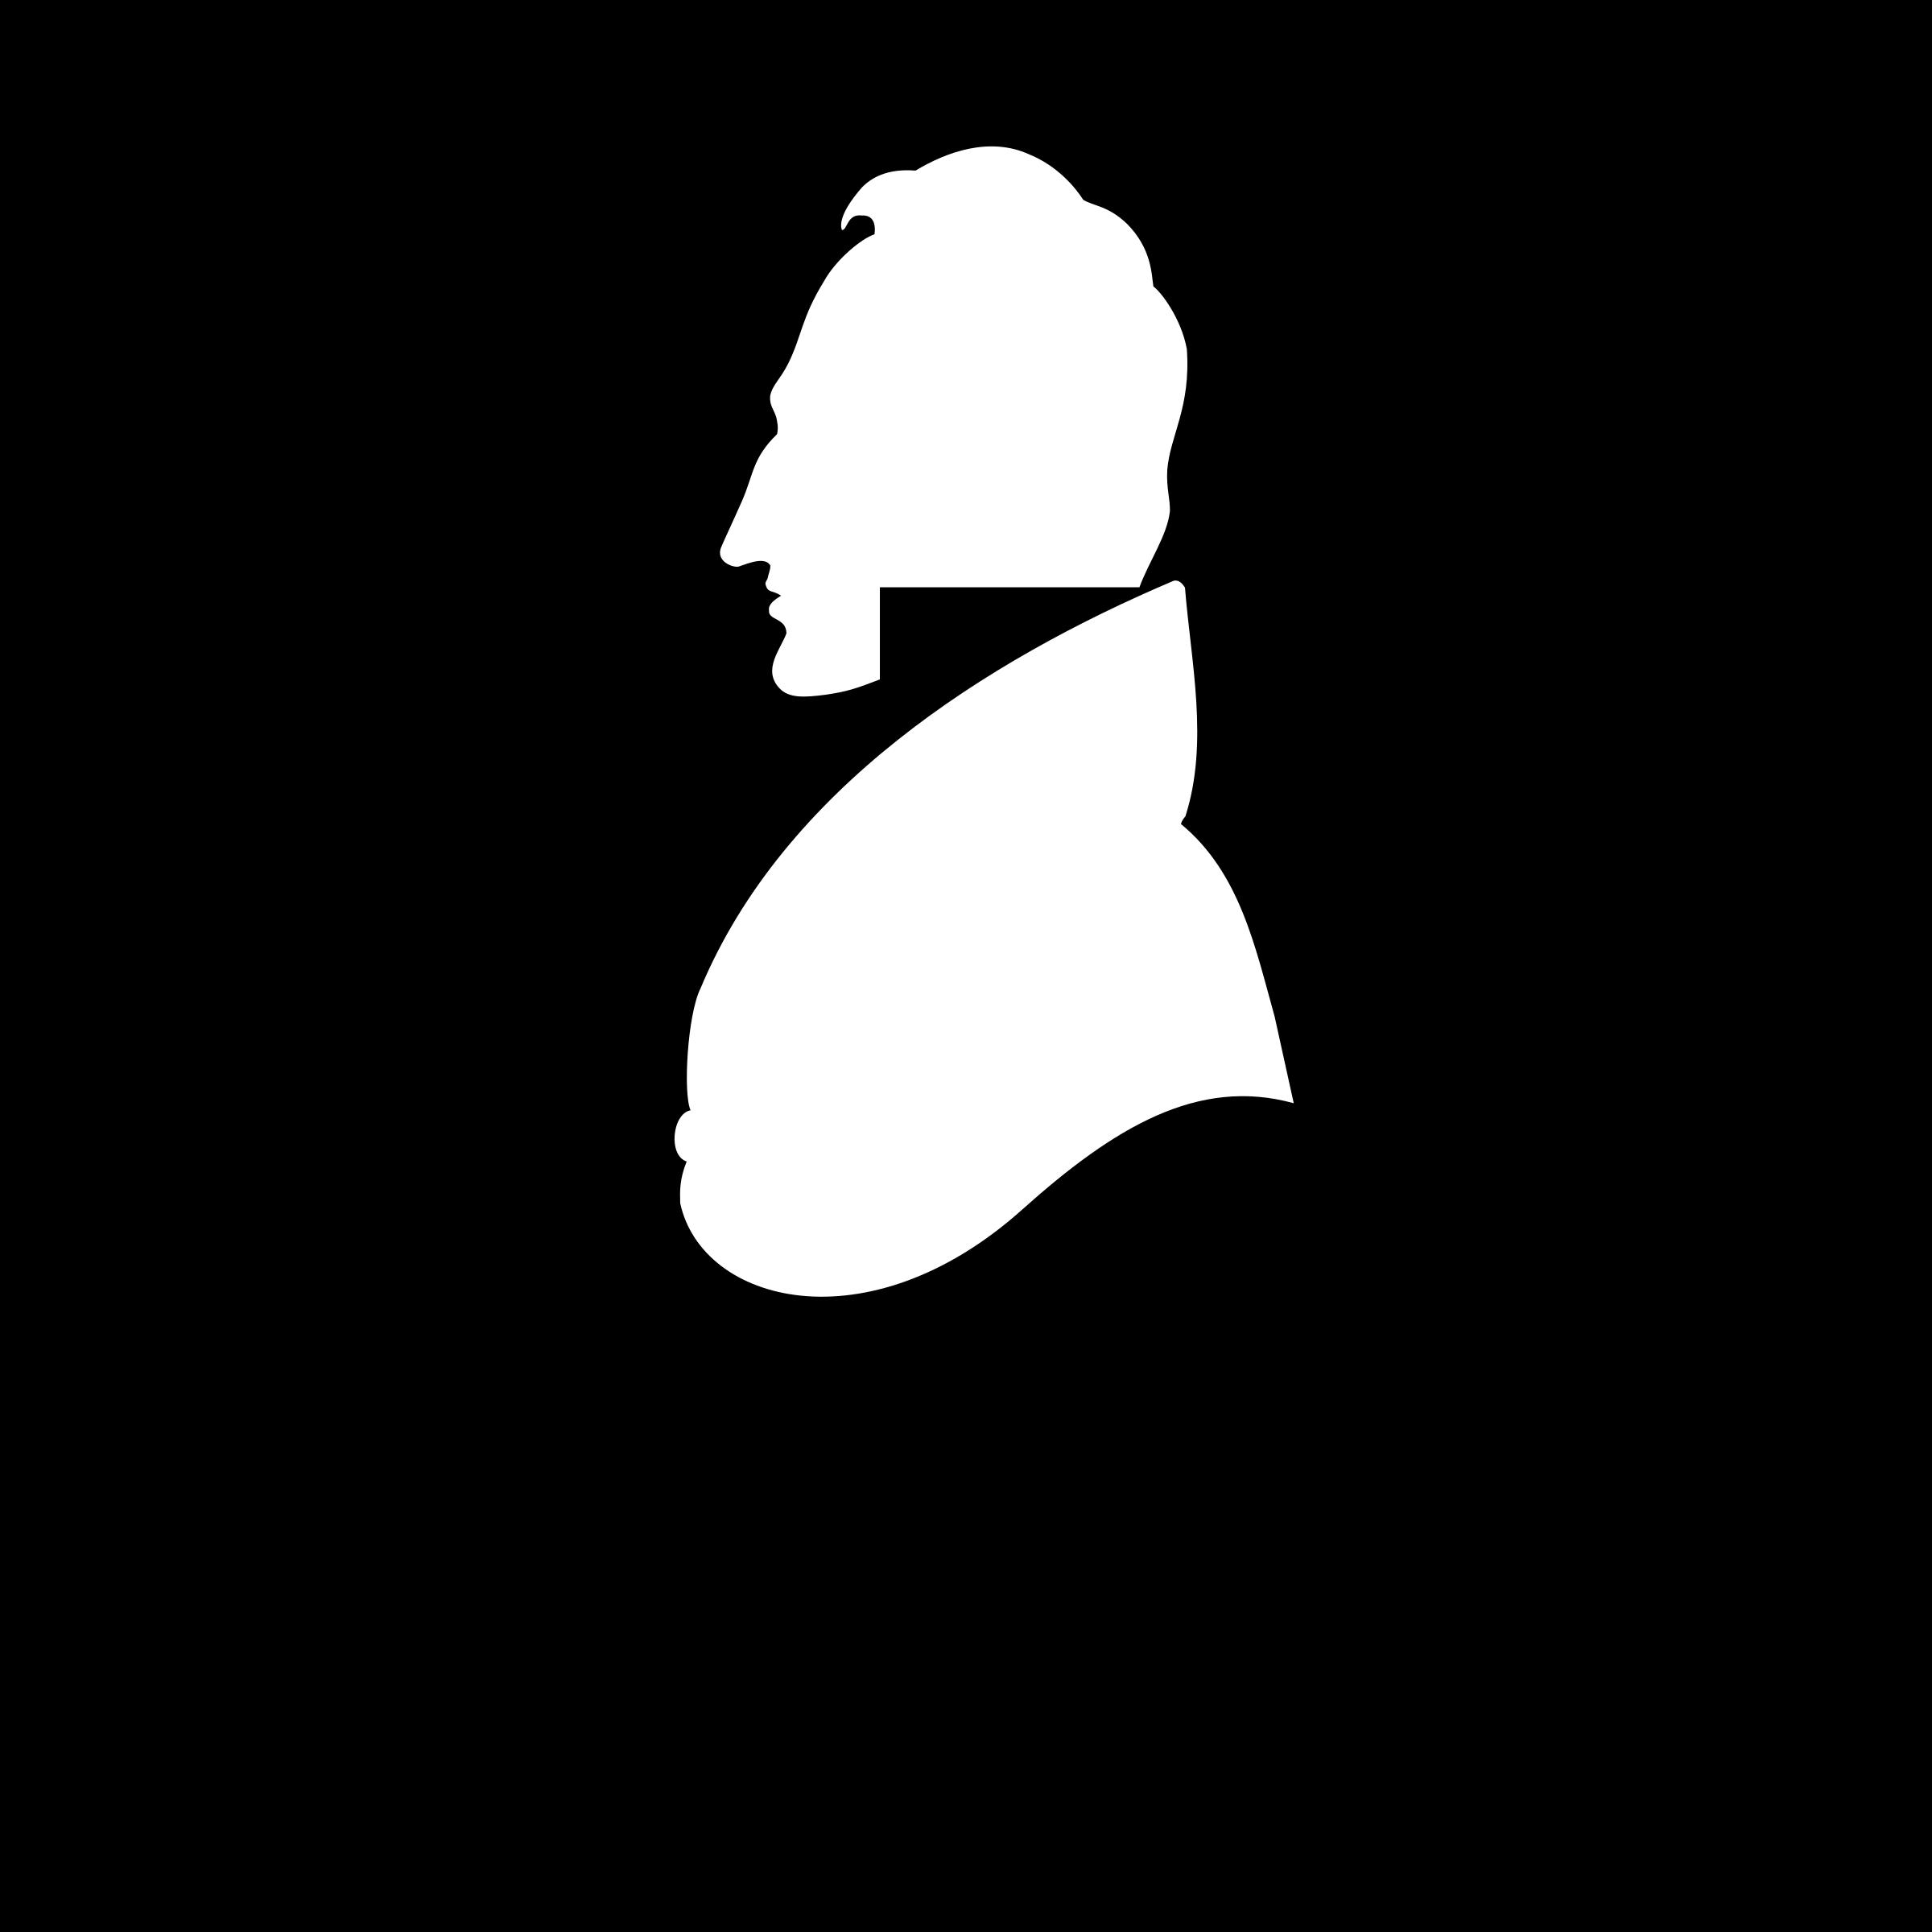 de-la-rue-logo-png-transparent